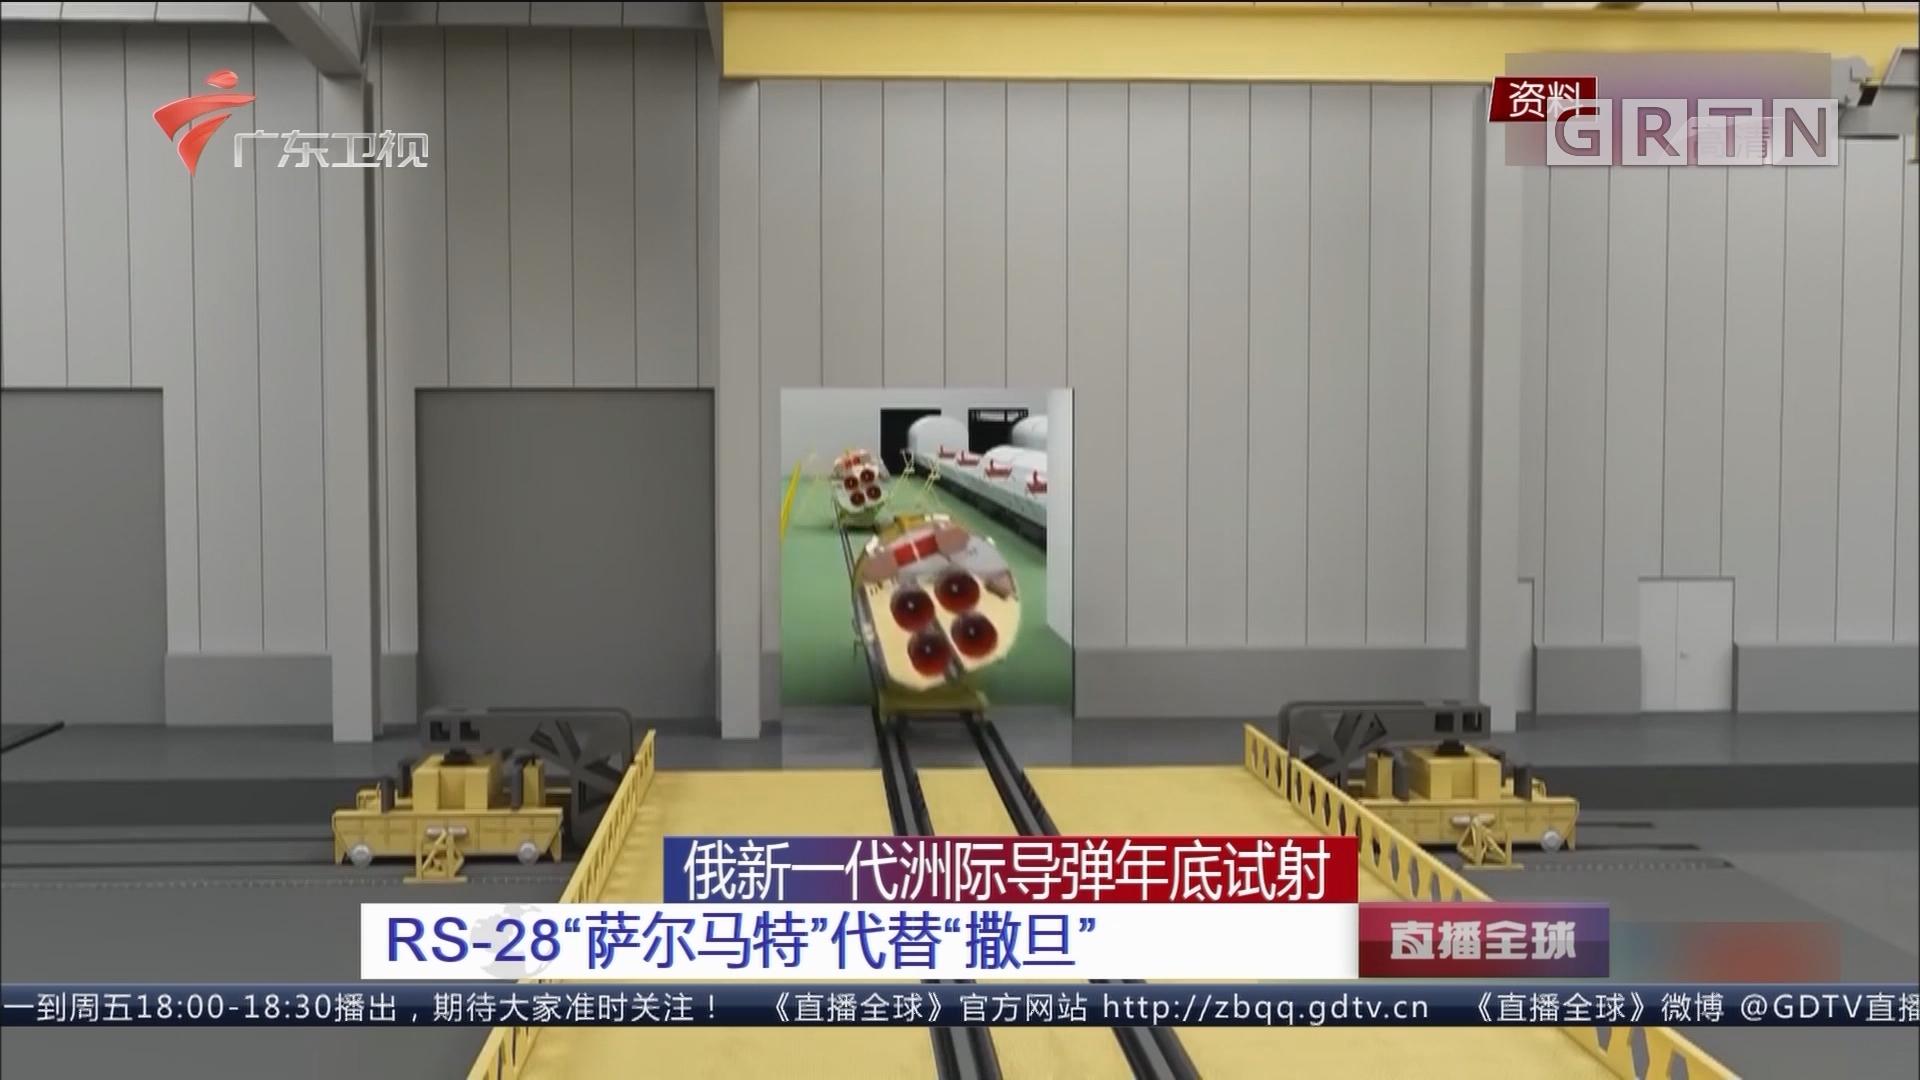 """俄新一代洲际导弹年底试射 RS-28""""萨尔玛特""""代替""""撒旦"""""""